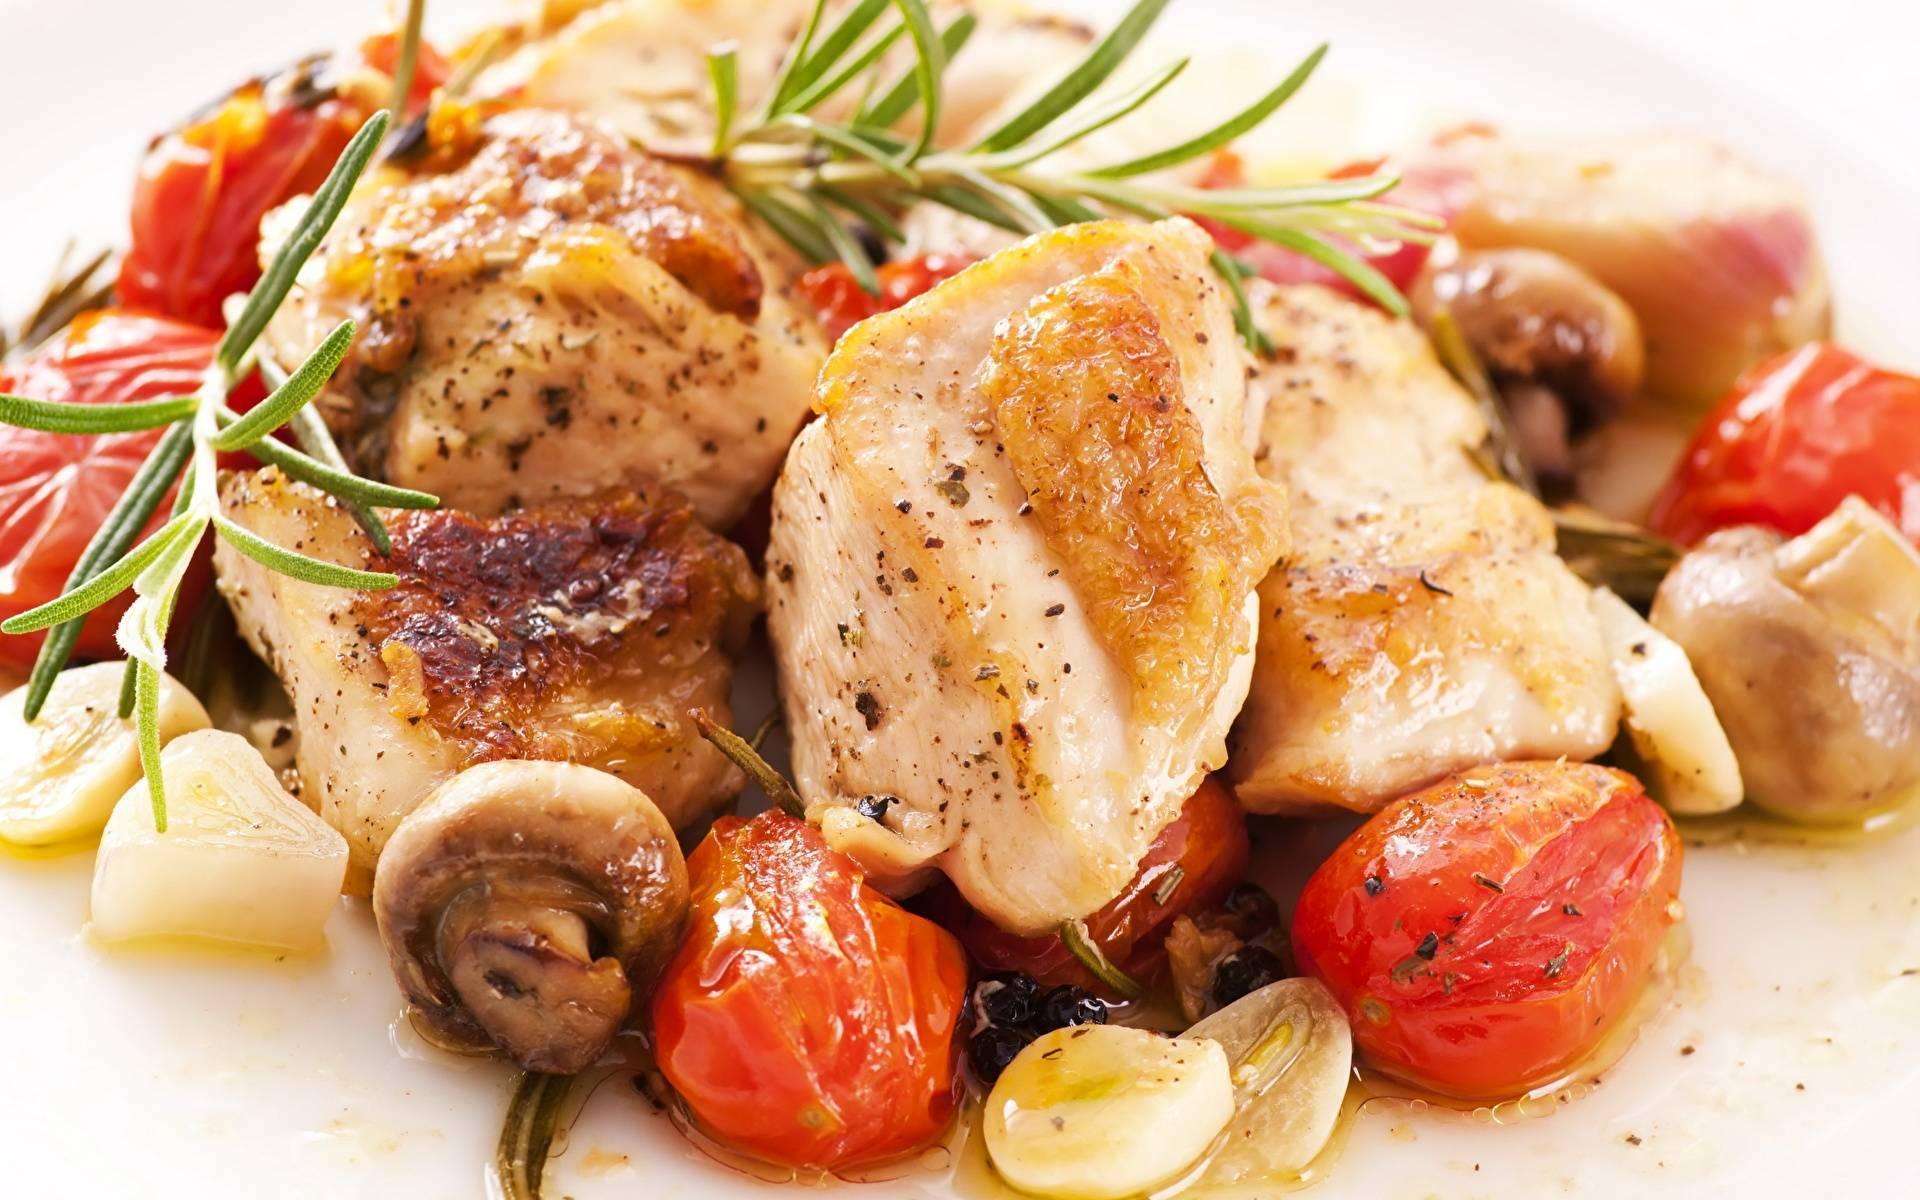 Курица в красном вине — пошаговый рецепт с фото и описанием процесса приготовления блюда от петелинки.